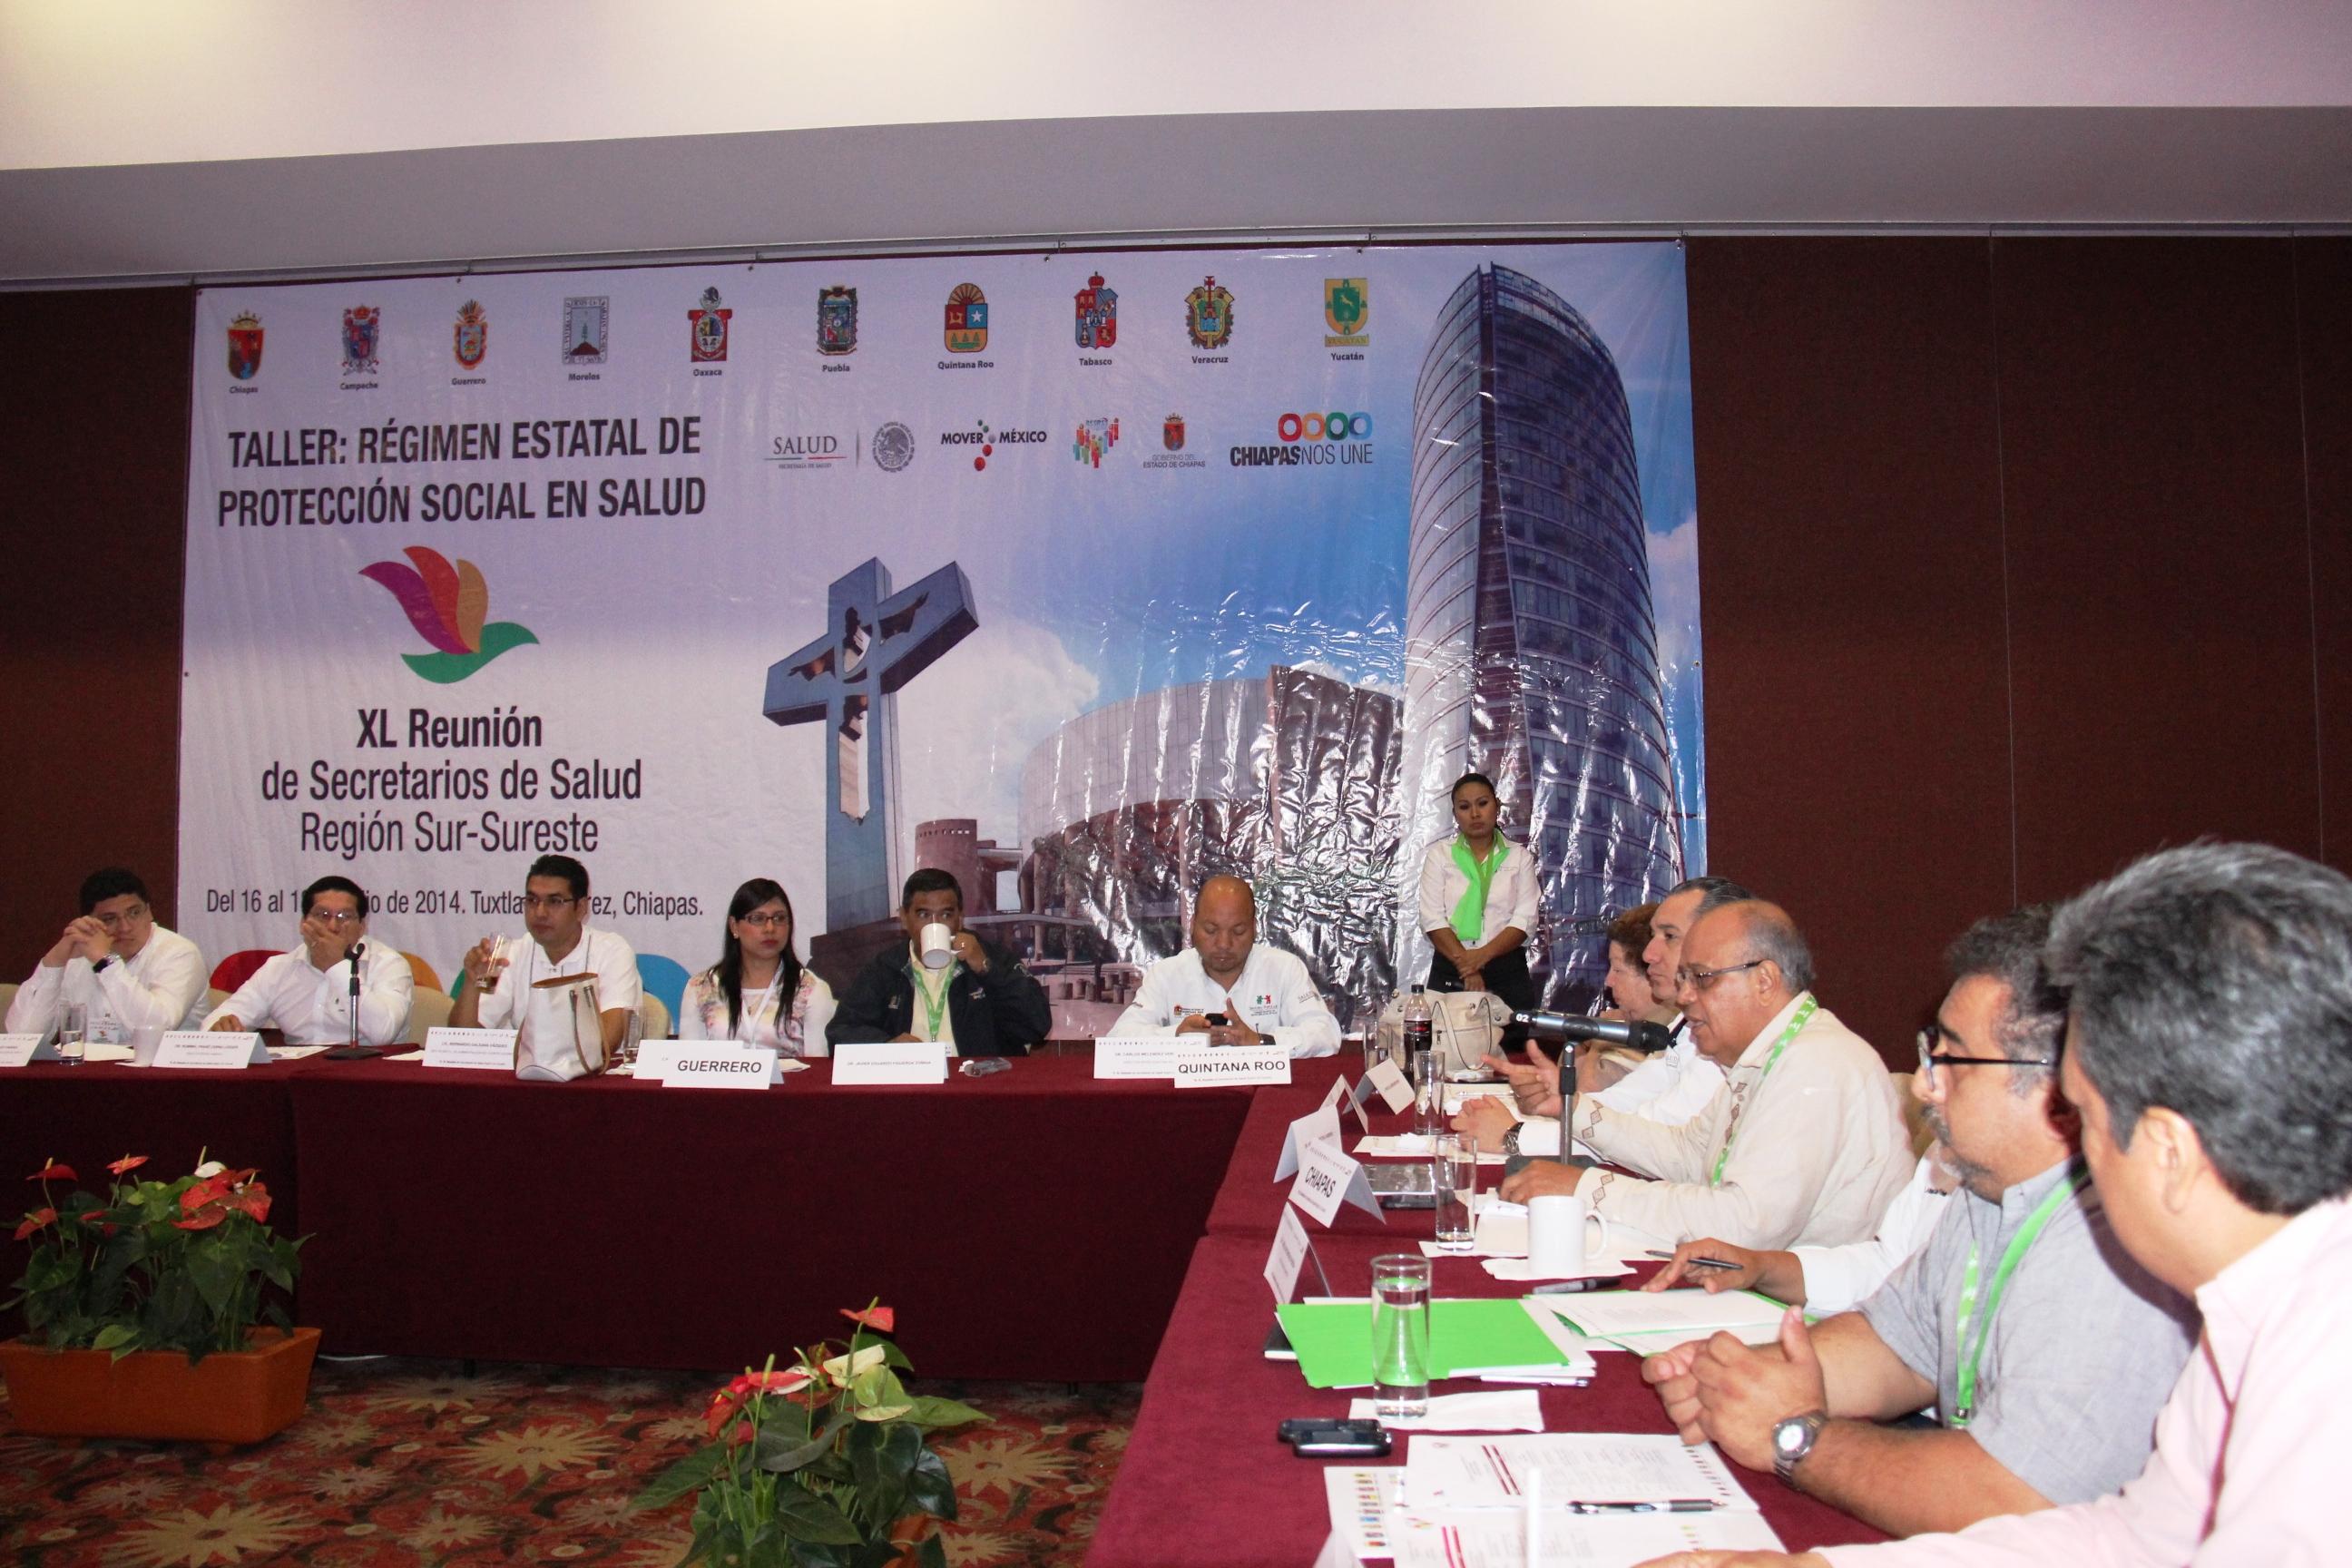 XL Reunión Regional de Secretarios de Salud, en la capital chiapaneca